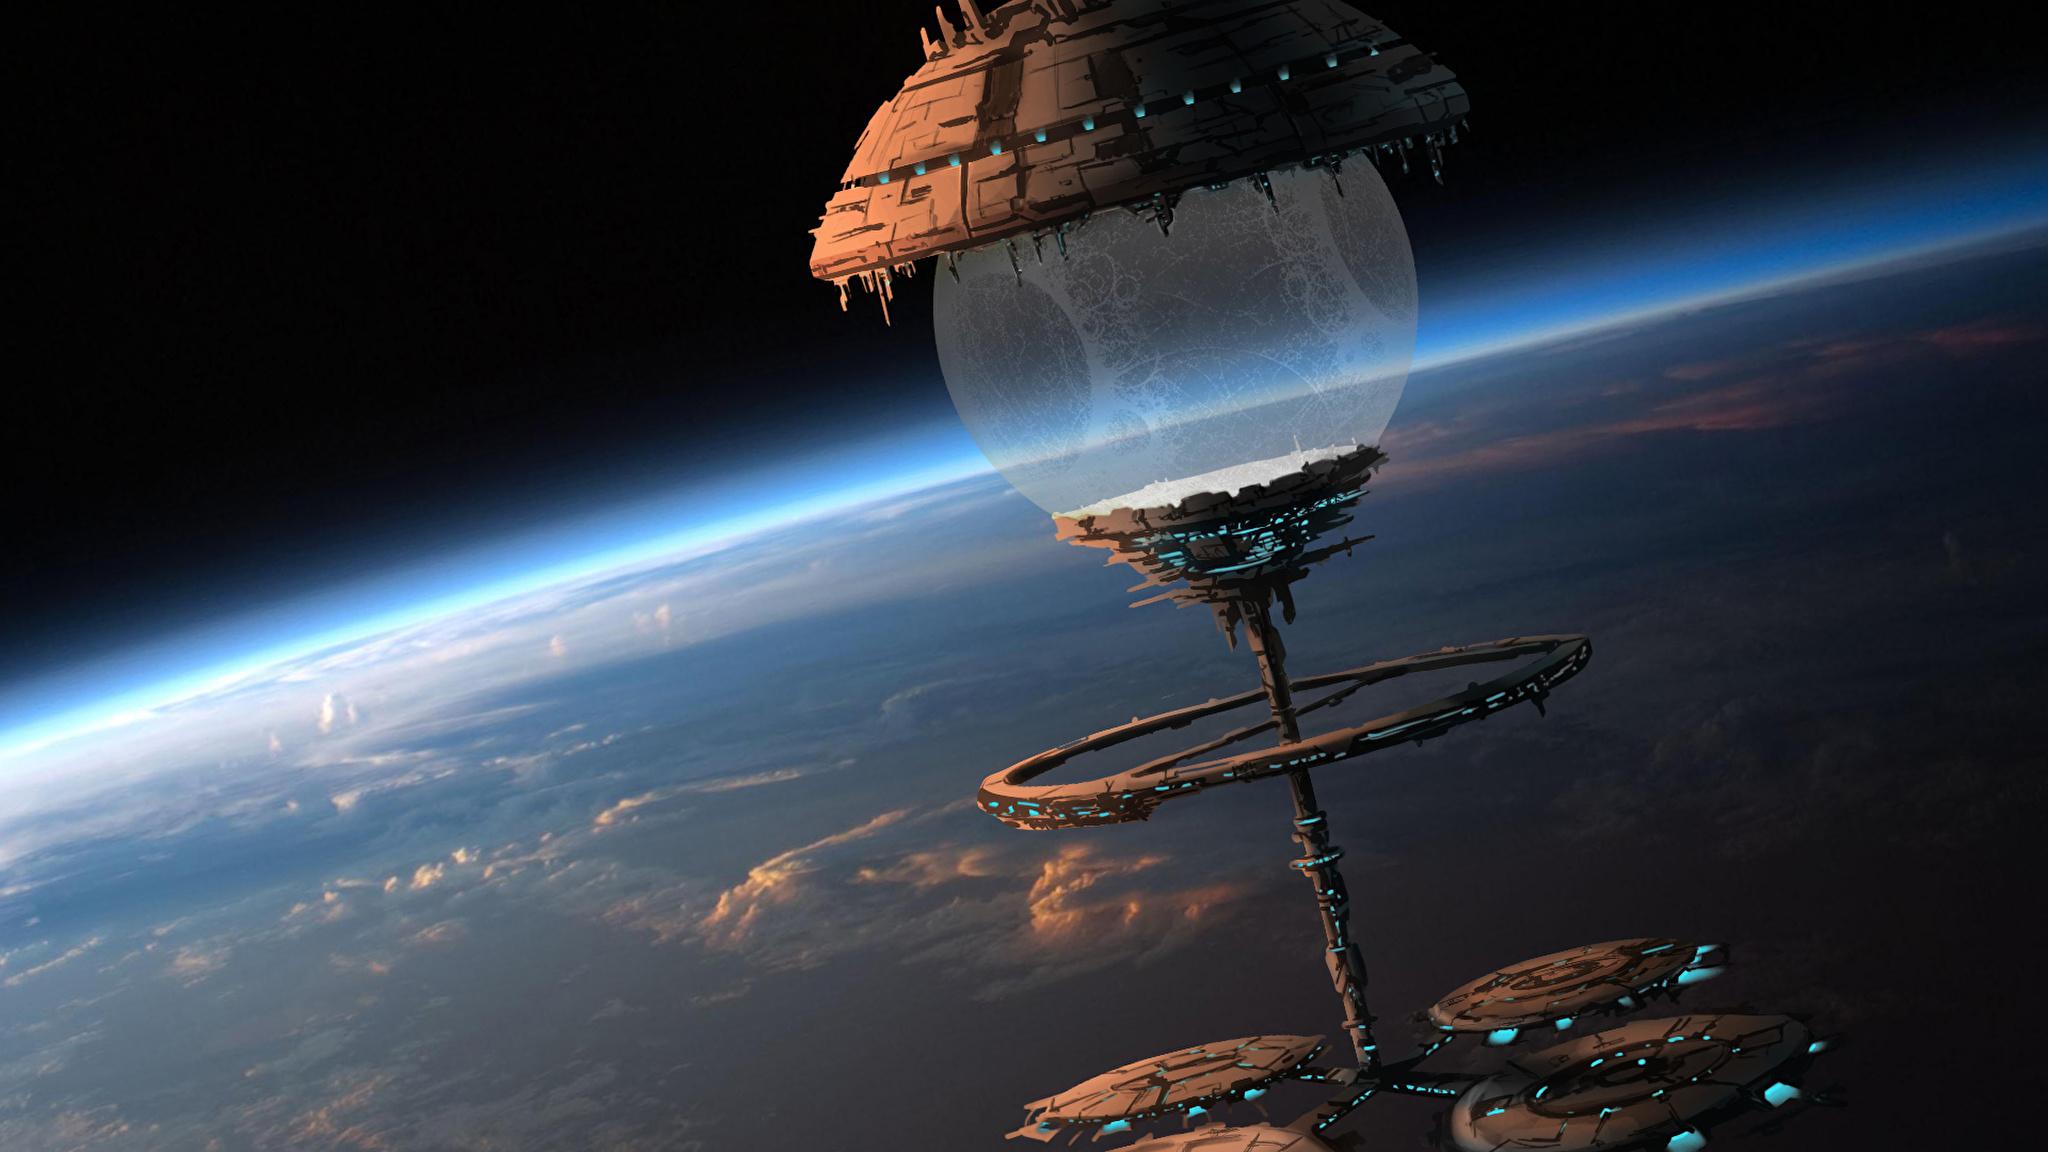 Обои космический корабль картинки на рабочий стол на тему Космос - скачать загрузить